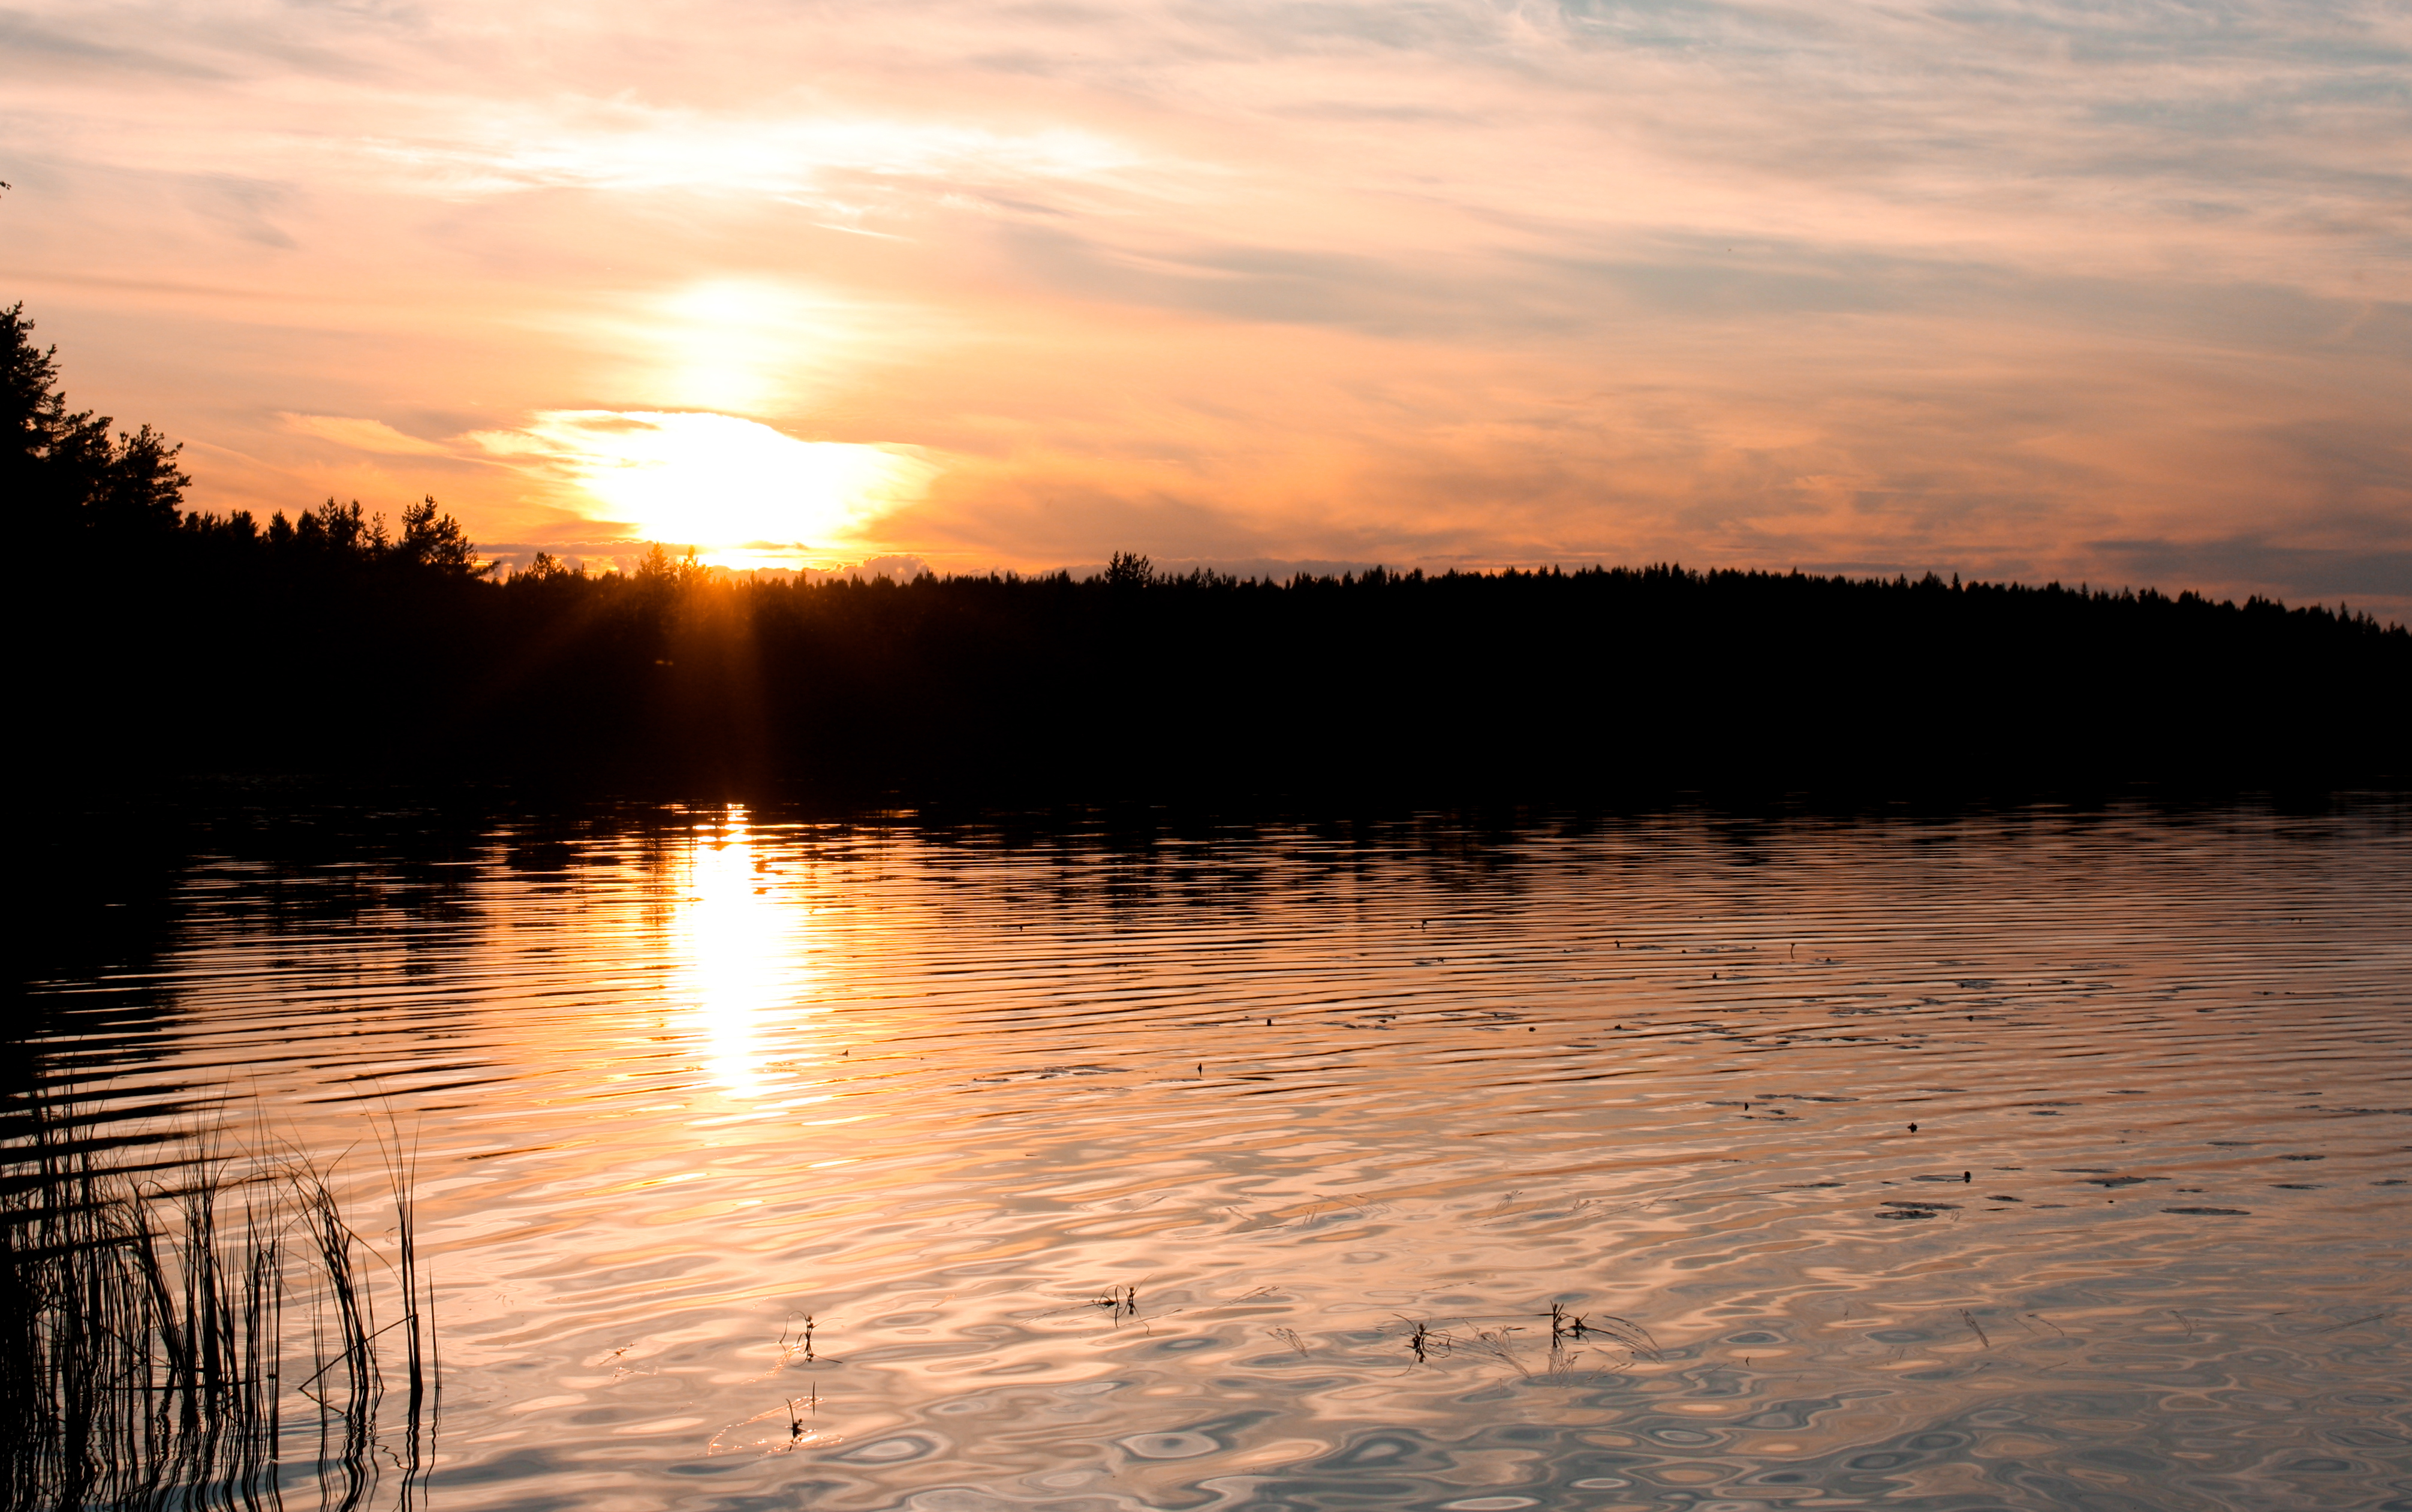 11849 скачать обои Пейзаж, Вода, Закат, Солнце, Озера - заставки и картинки бесплатно